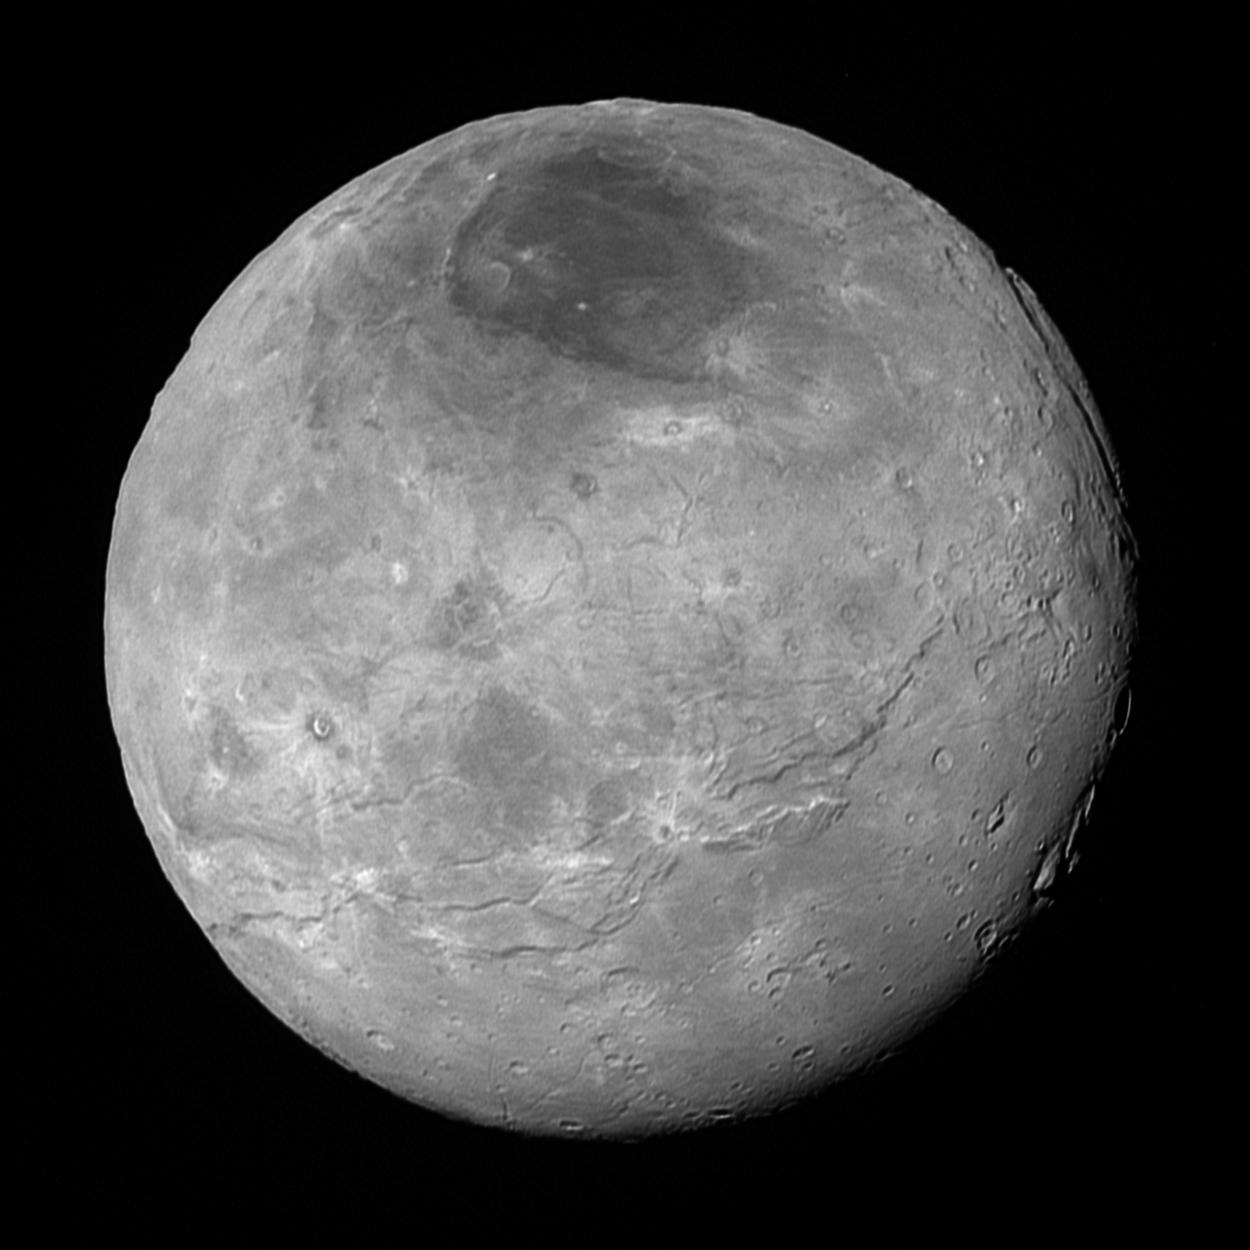 SnĂmek mÄ›sĂce Charon pořízenĂ˝ 10 hodin pĹ™et prĹŻletem ze vzdálenosti 470 000 km je lepší verzĂ fotky uveĹ™ejnÄ›nĂ© 15. ÄŤervence s menším rozlišenĂm a pouĹľitĂm ztrátovĂ© komprese formátu JPEG. Charon (s prĹŻmÄ›rem 1 200 km) rovnÄ›Ĺ